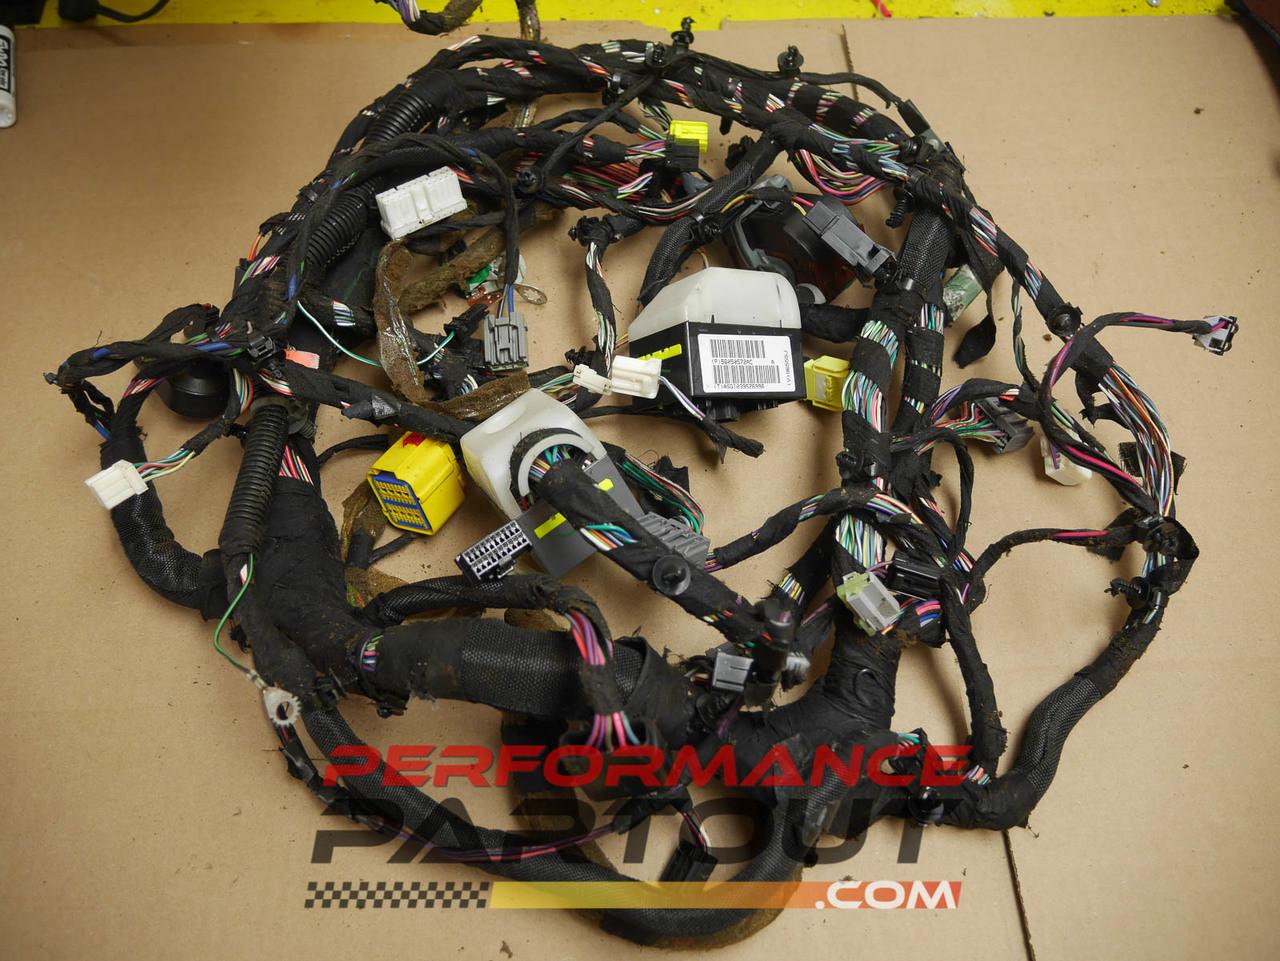 medium resolution of under dash wiring harness jeep grand cherokee 56050572acunder dash wiring harness jeep grand cherokee 56050572ac performance